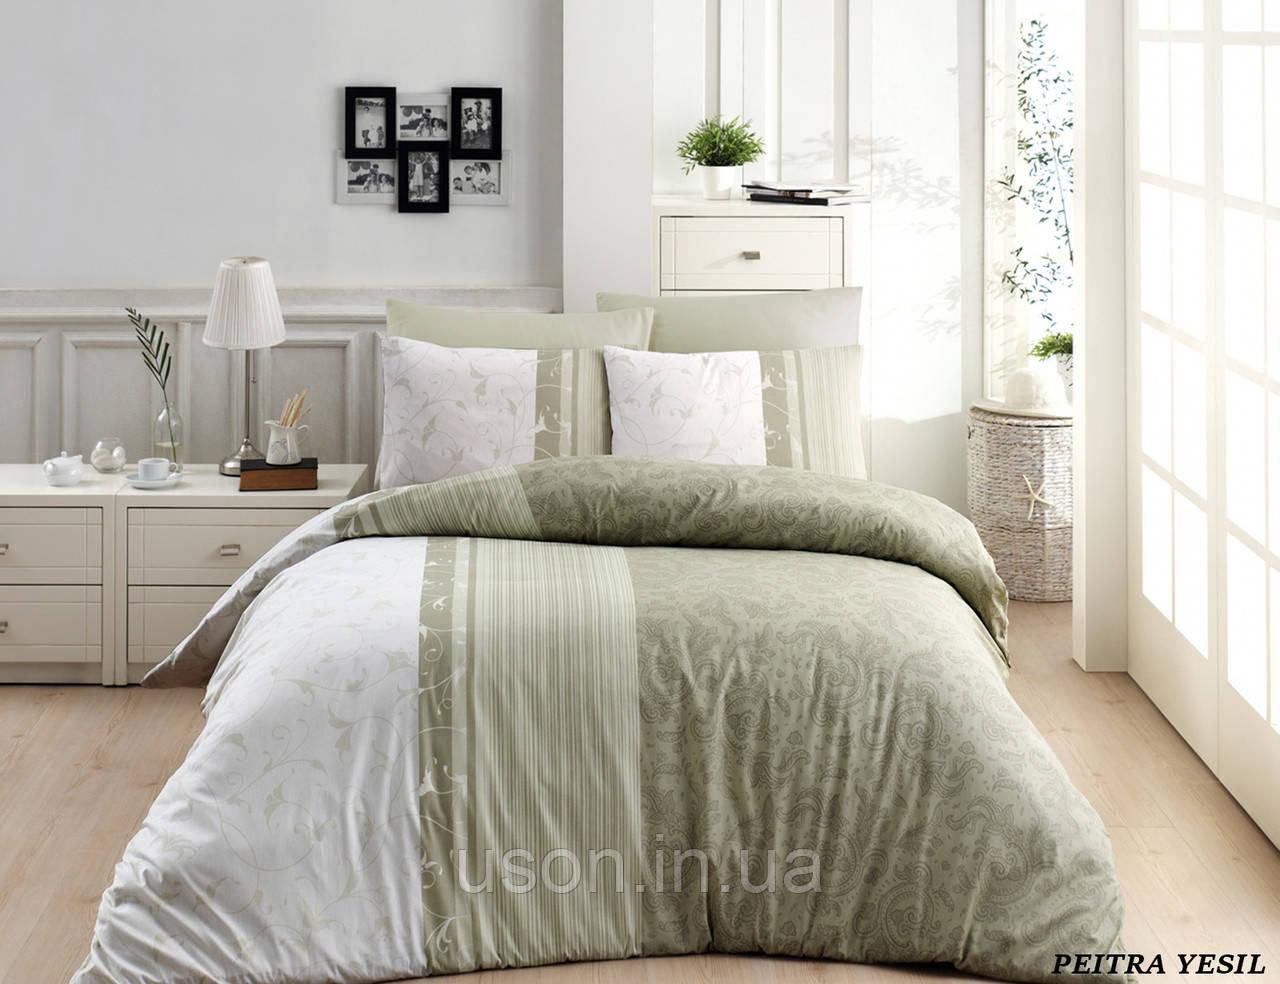 Комплект постельного белья TM First Choice ранфорс Pietra Yesil